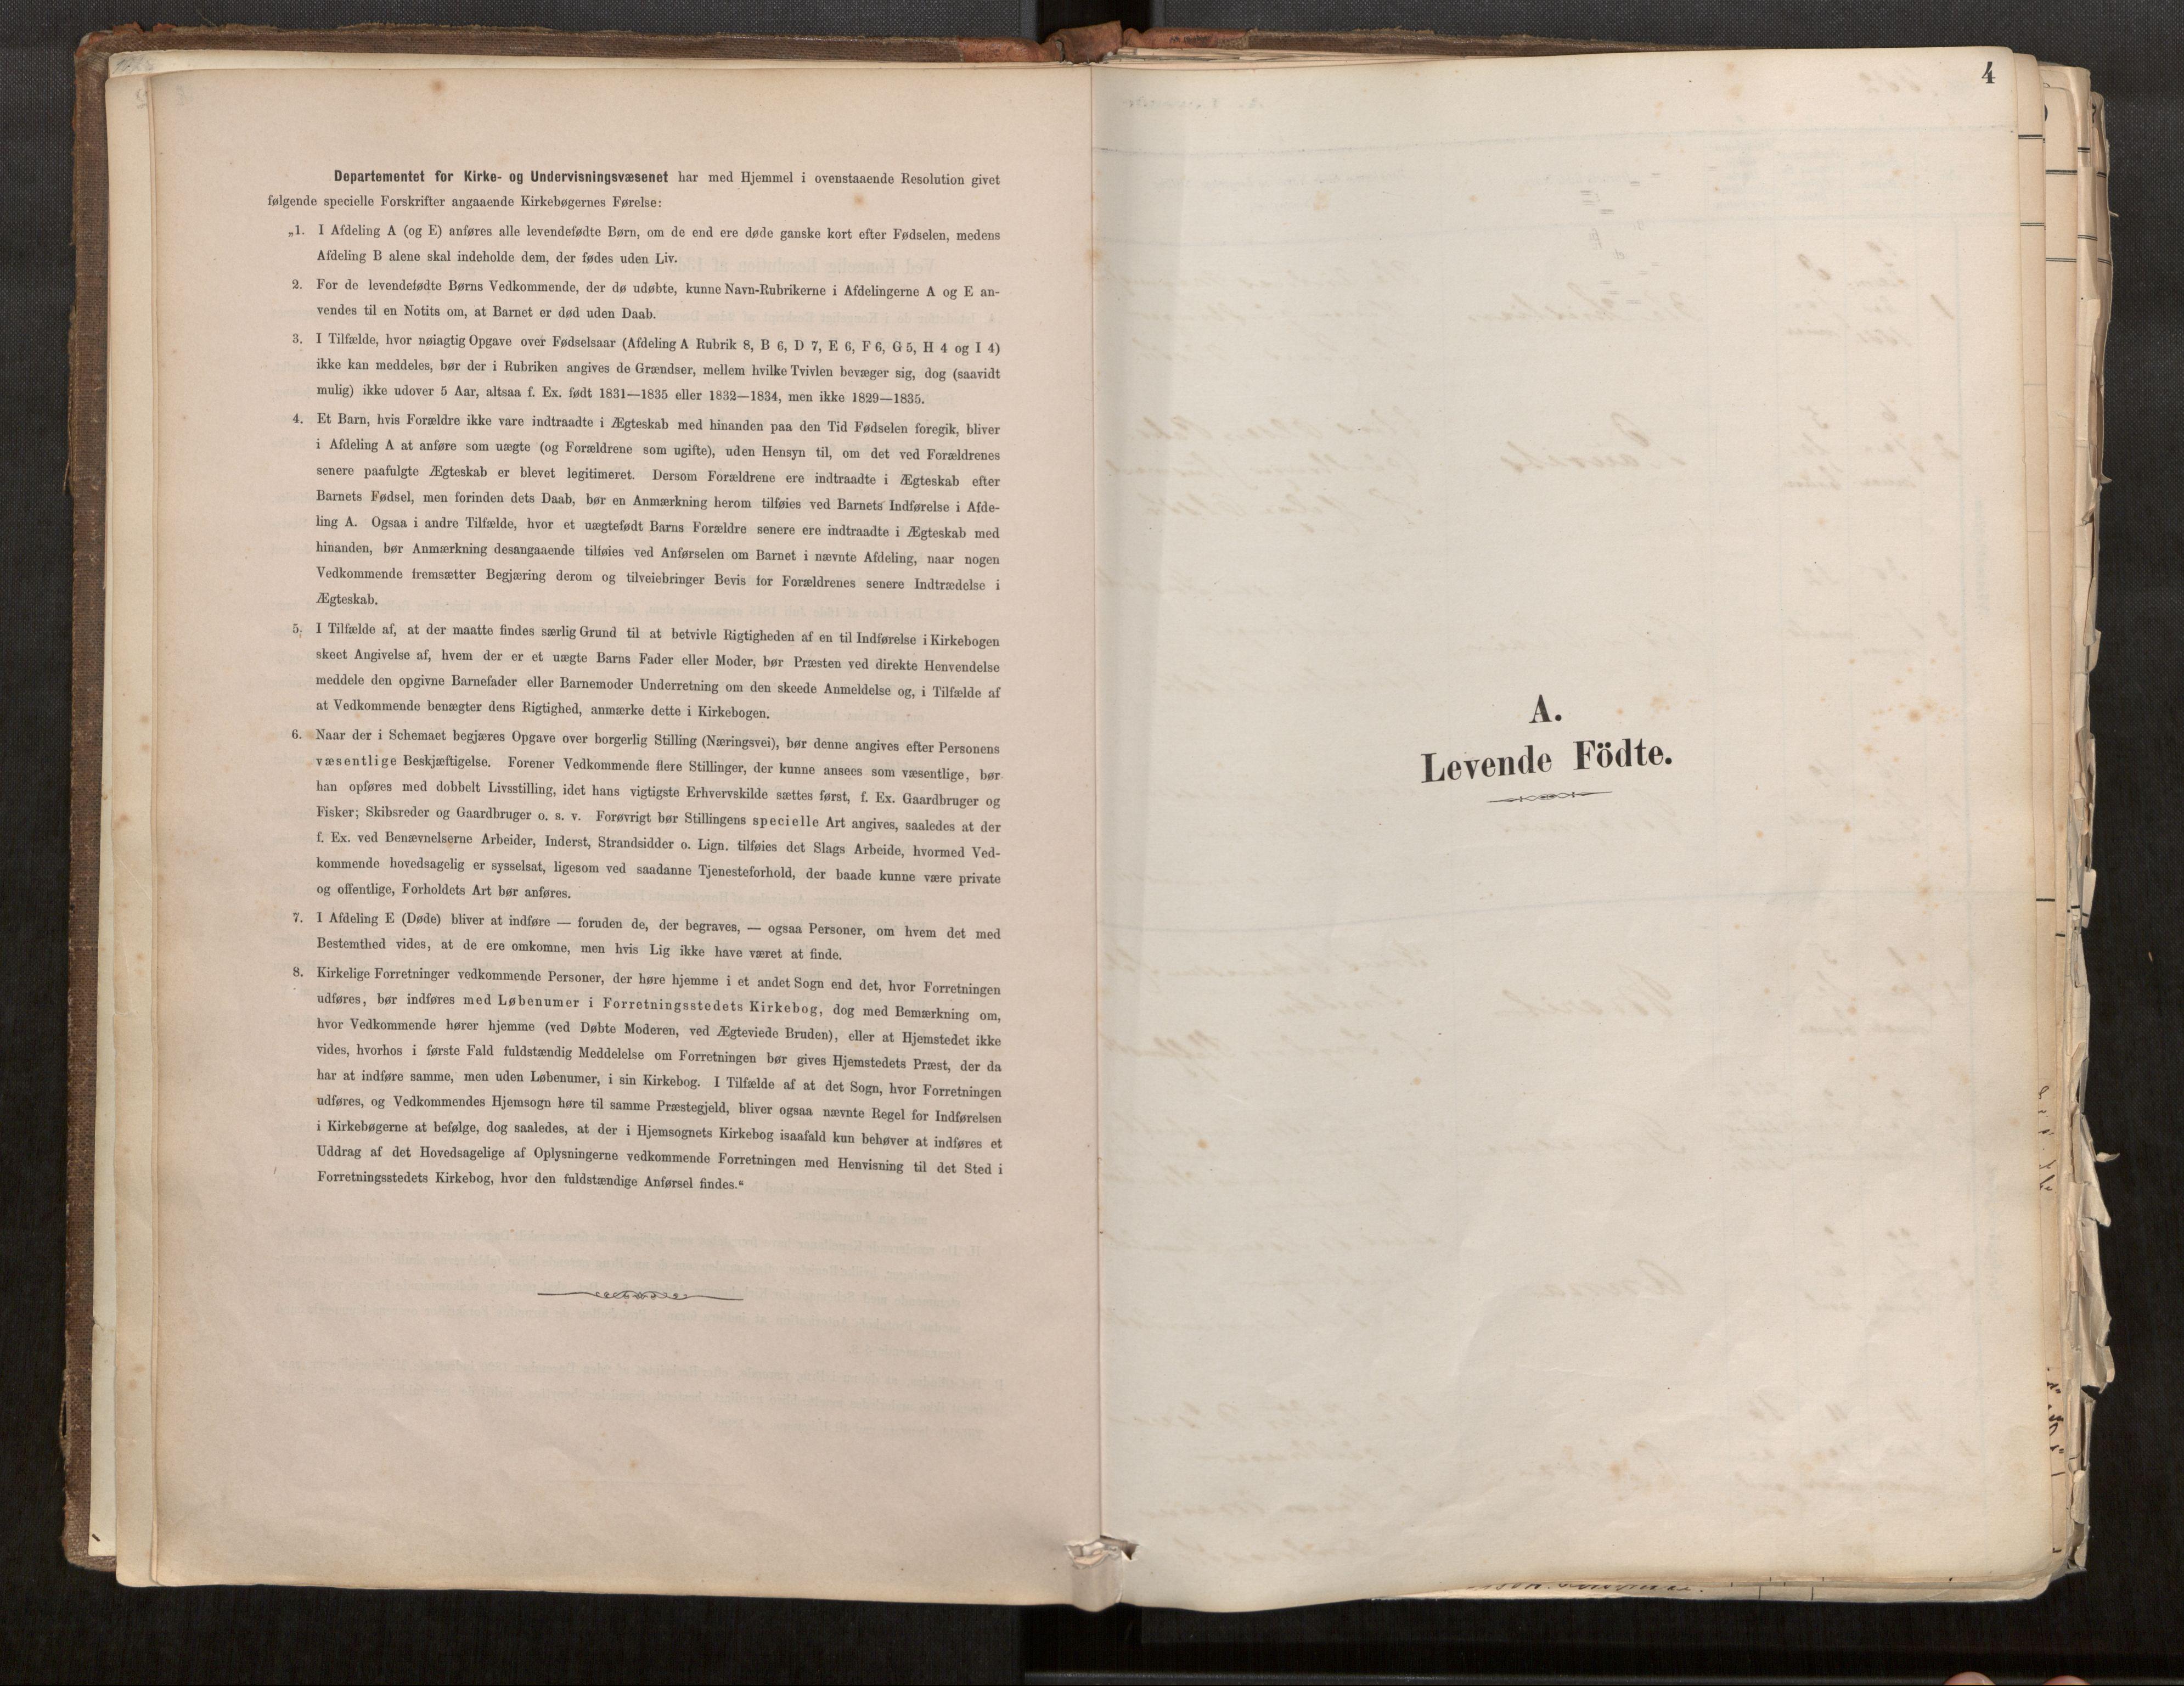 SAT, Sunnylven sokneprestkontor, Ministerialbok nr. 517A08, 1882-1939, s. 4